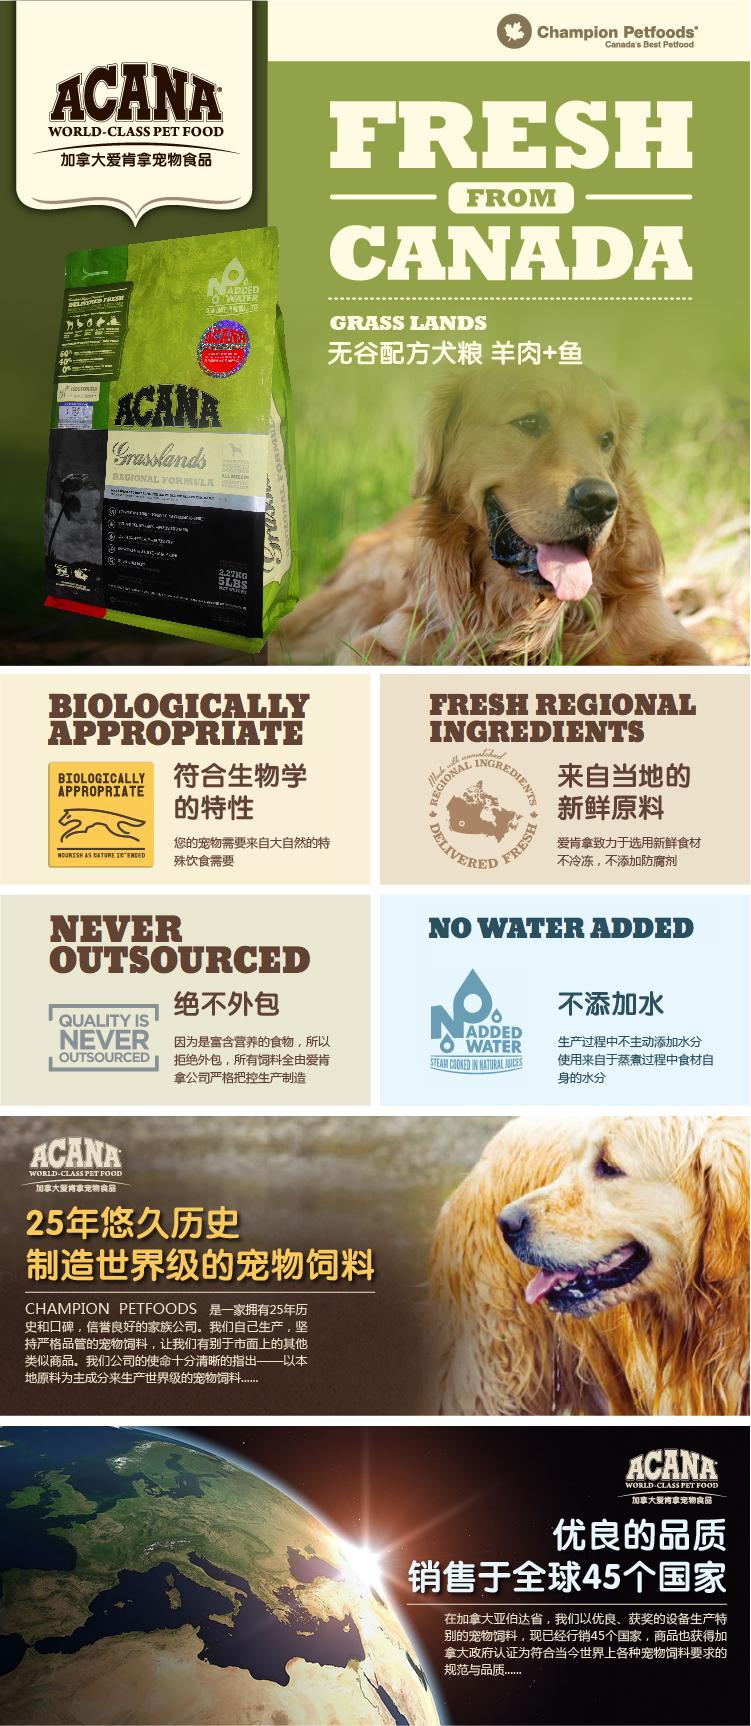 【包邮】加拿大acana爱肯拿 无谷羊肉鱼 全犬粮 13kg